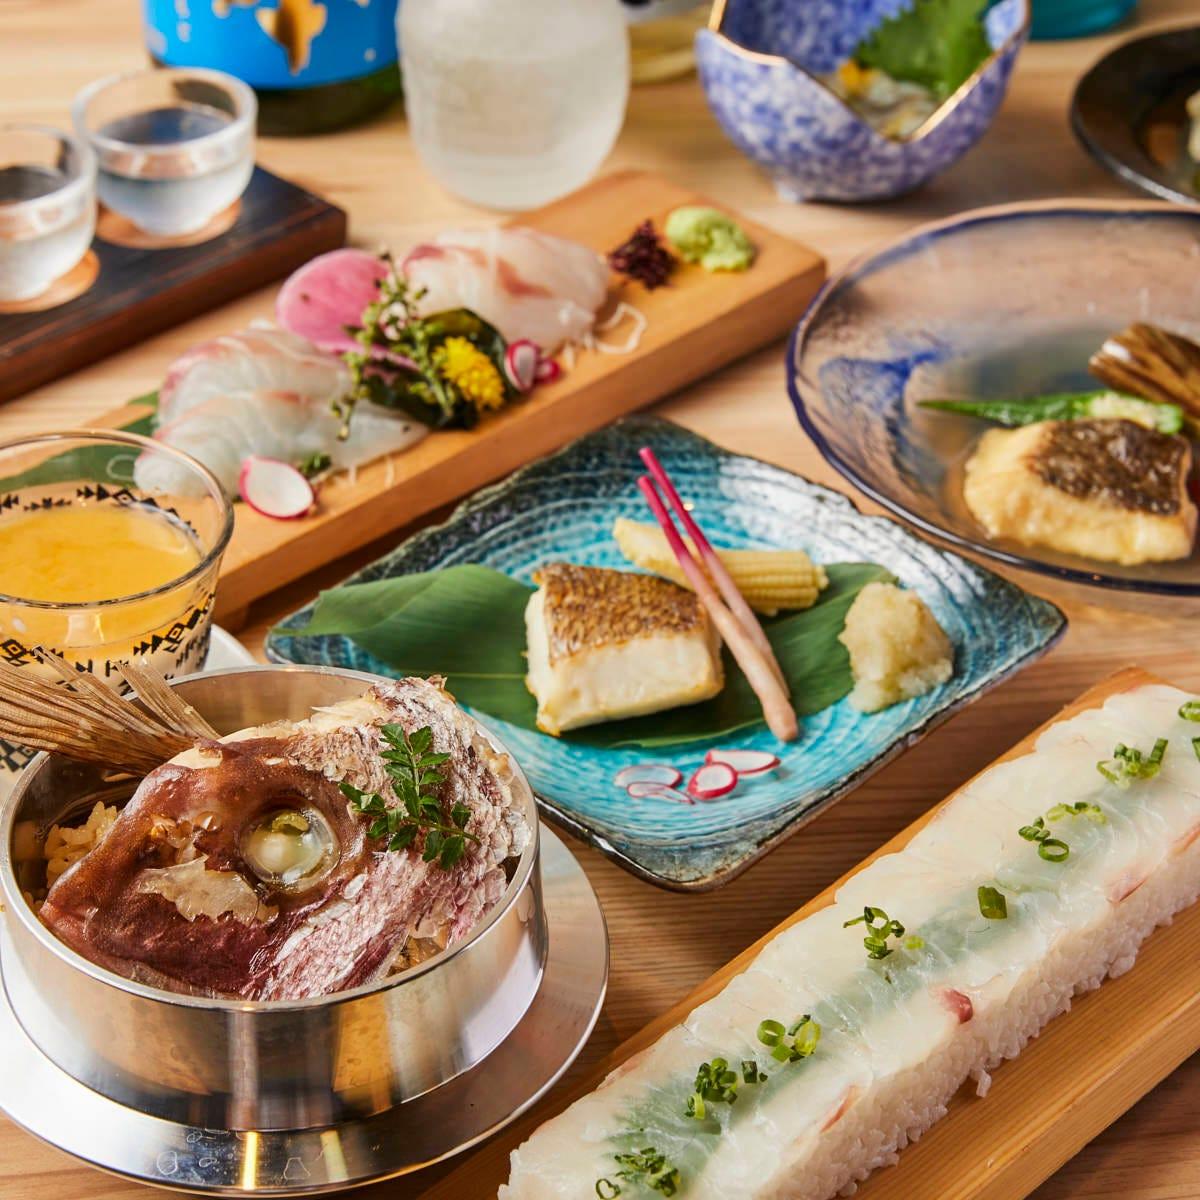 出荷から最短6時間!新鮮な鮮魚をふんだんに使用した創作和食!